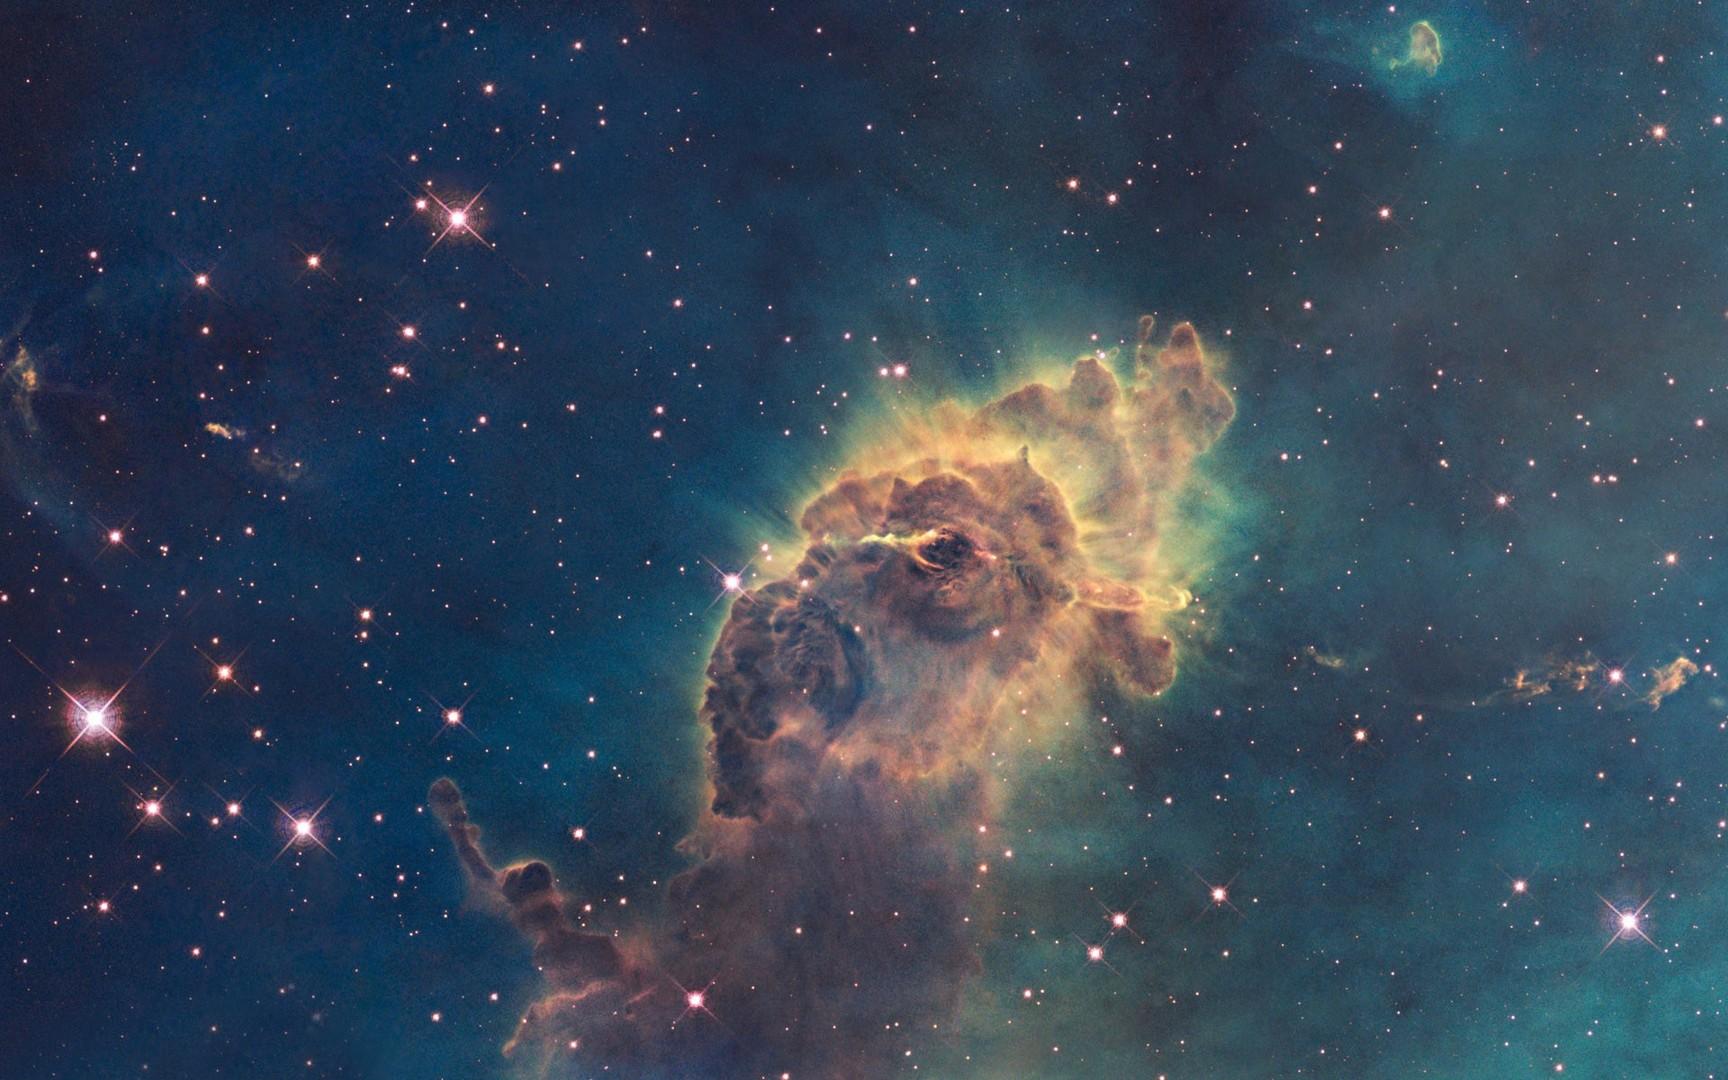 Carina Nebula wallpaper 11816 1728x1080